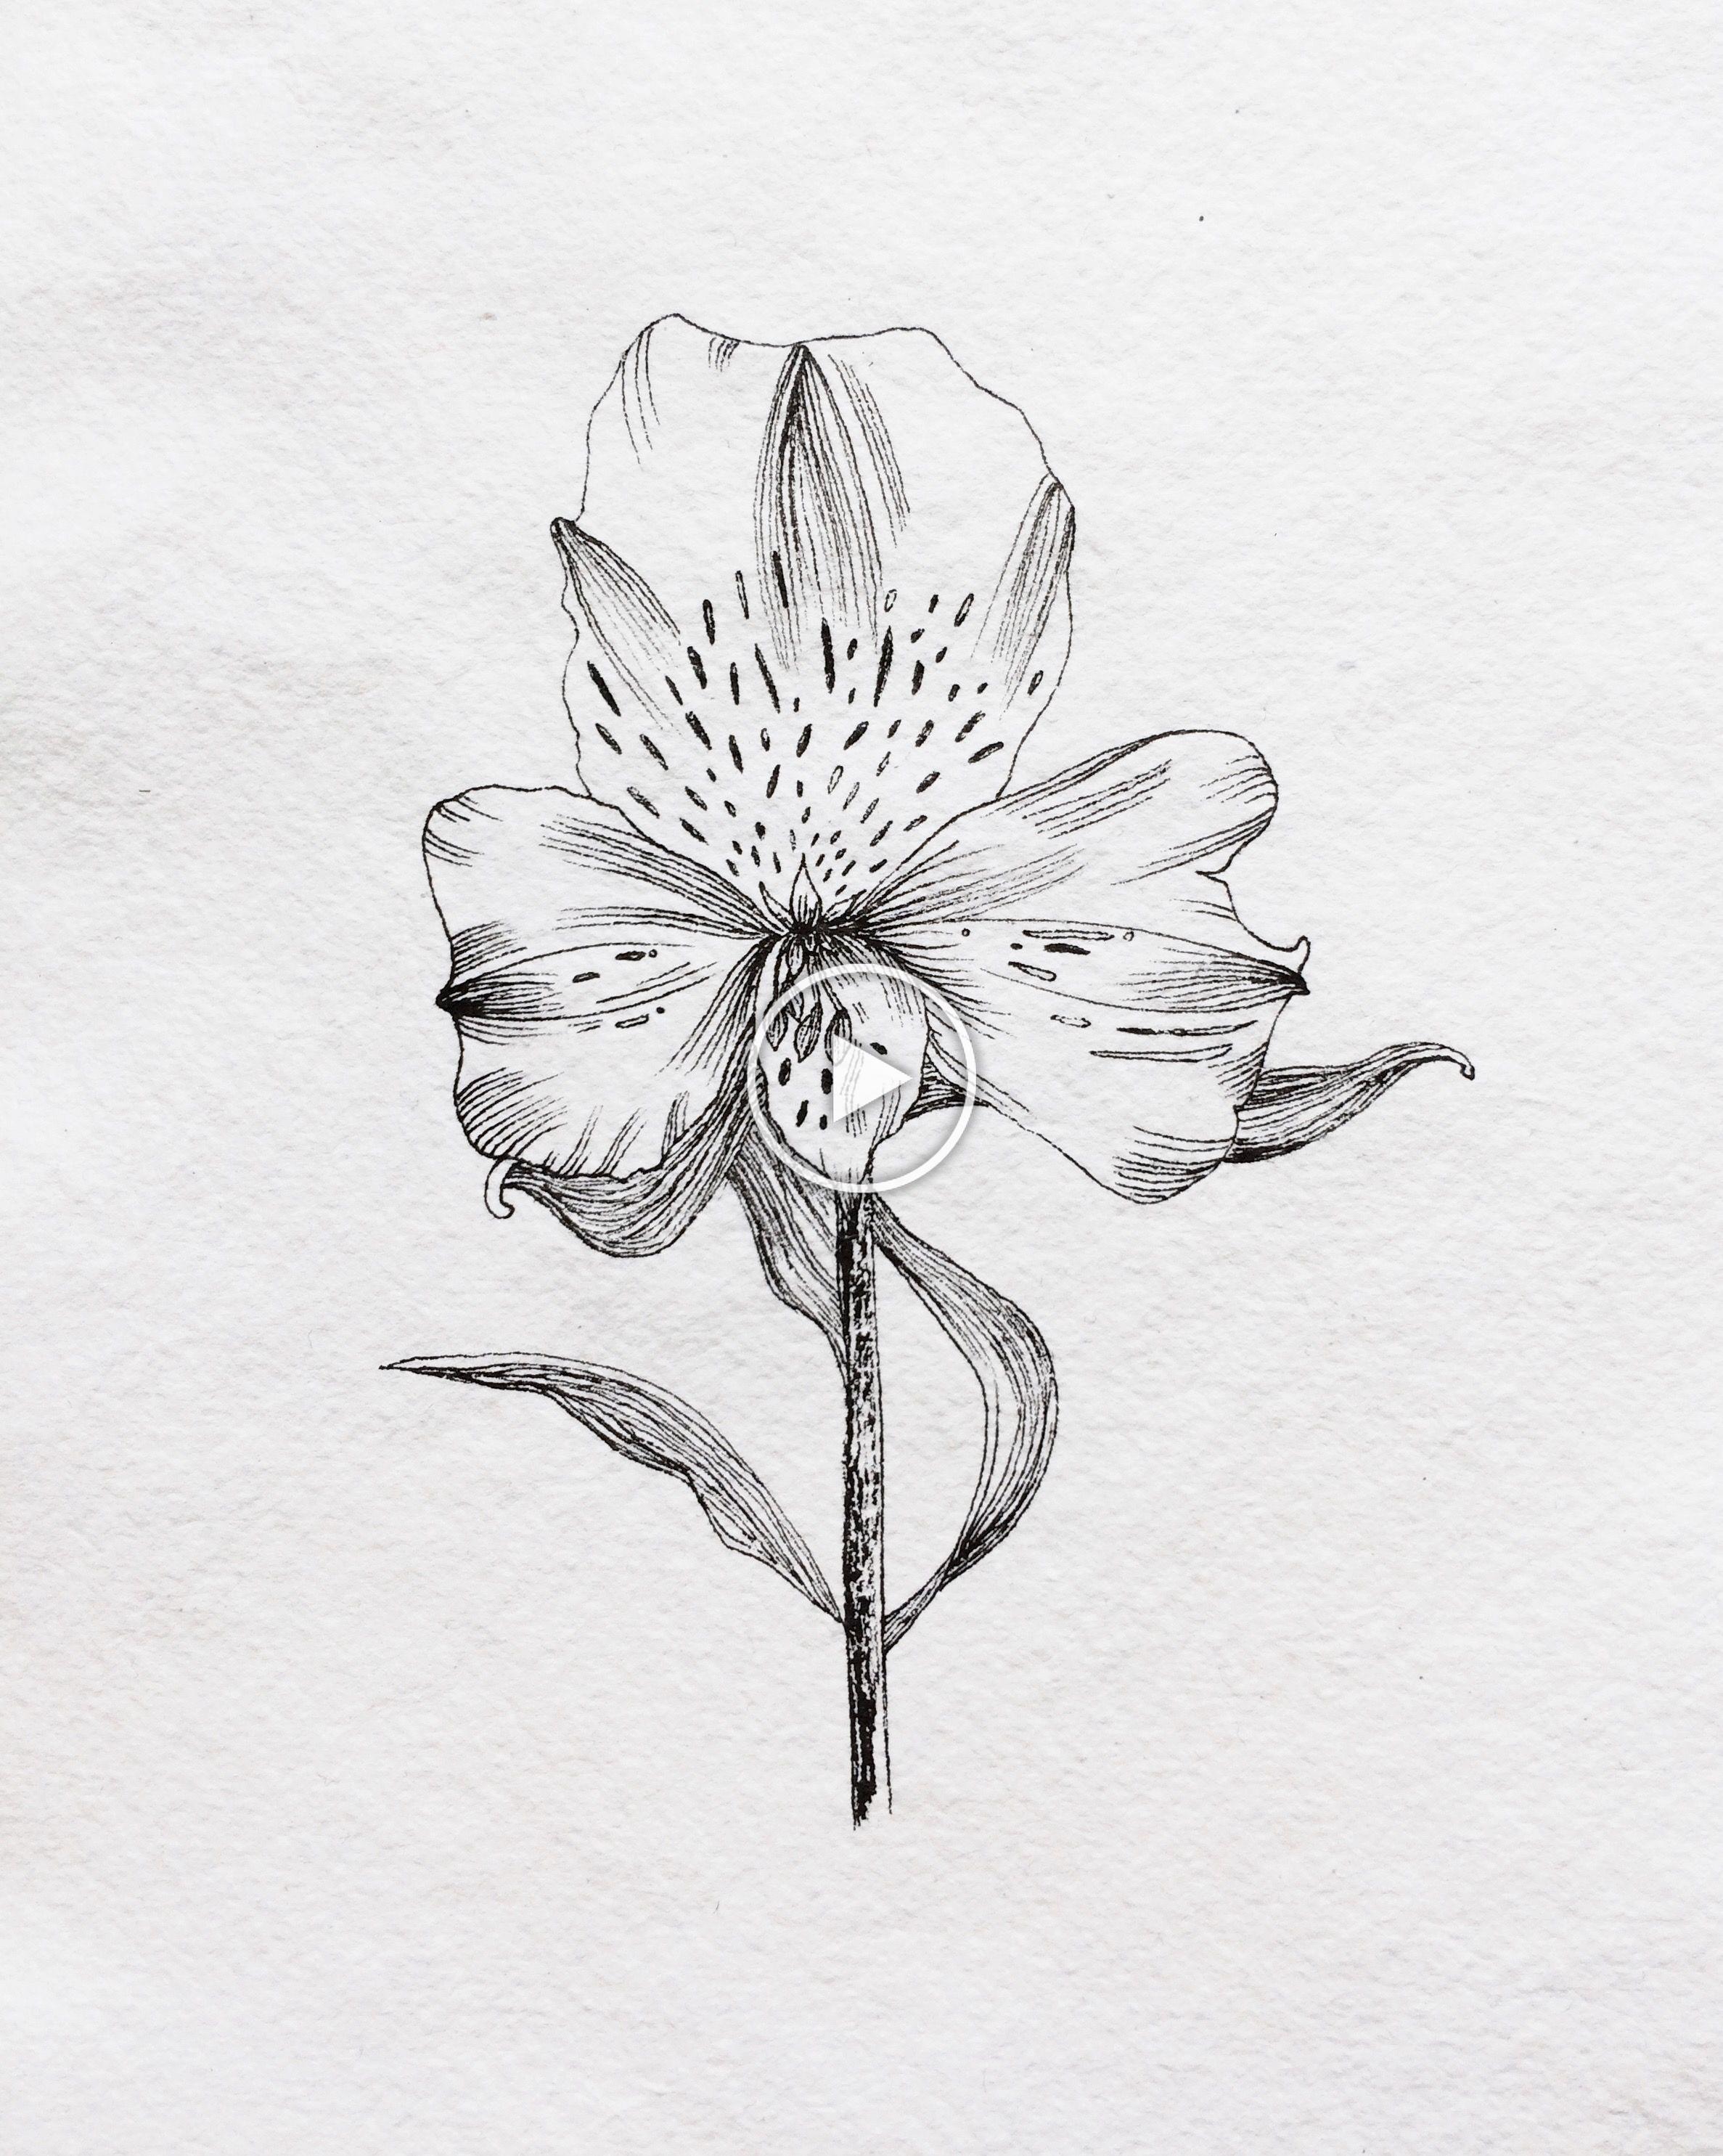 Alstroemeria Peruvian Lily Drawn In Fountain Pen By Artist Claire Leach In 2020